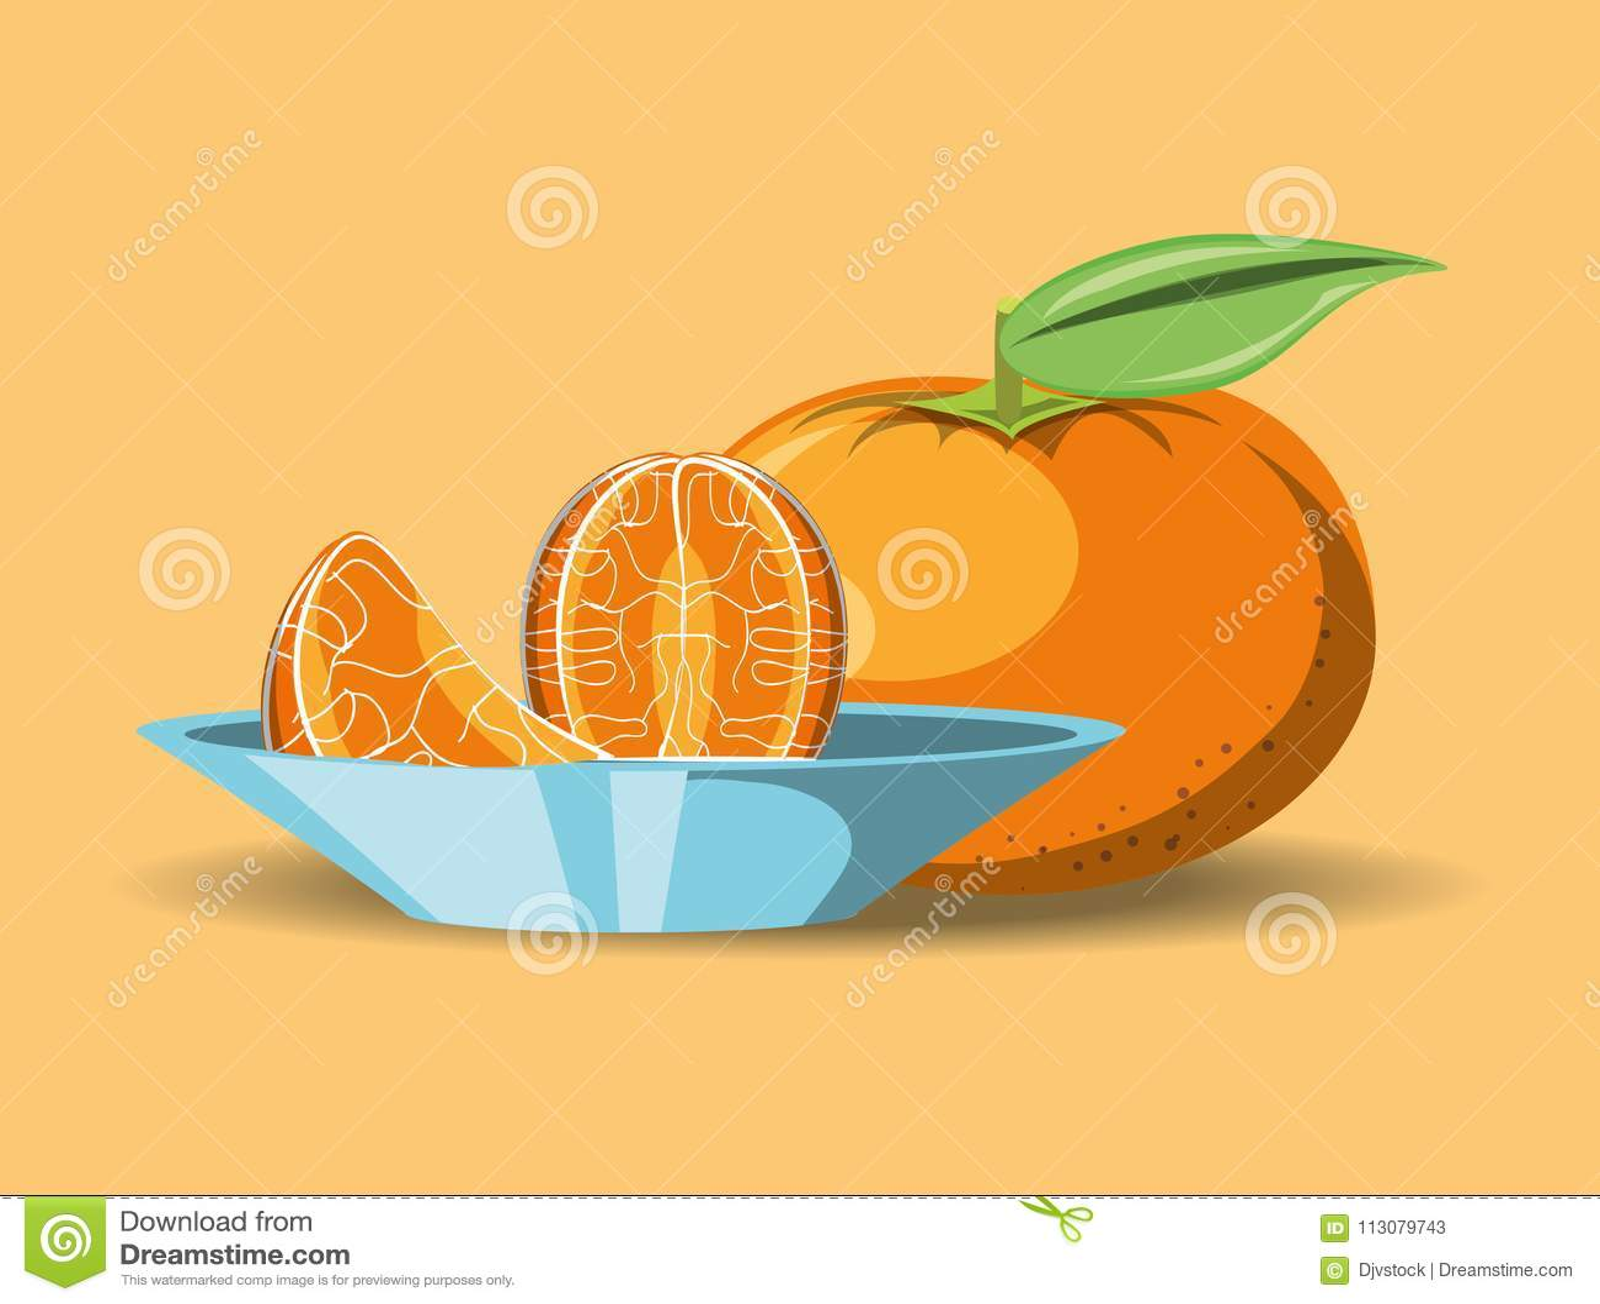 Citric fruits design